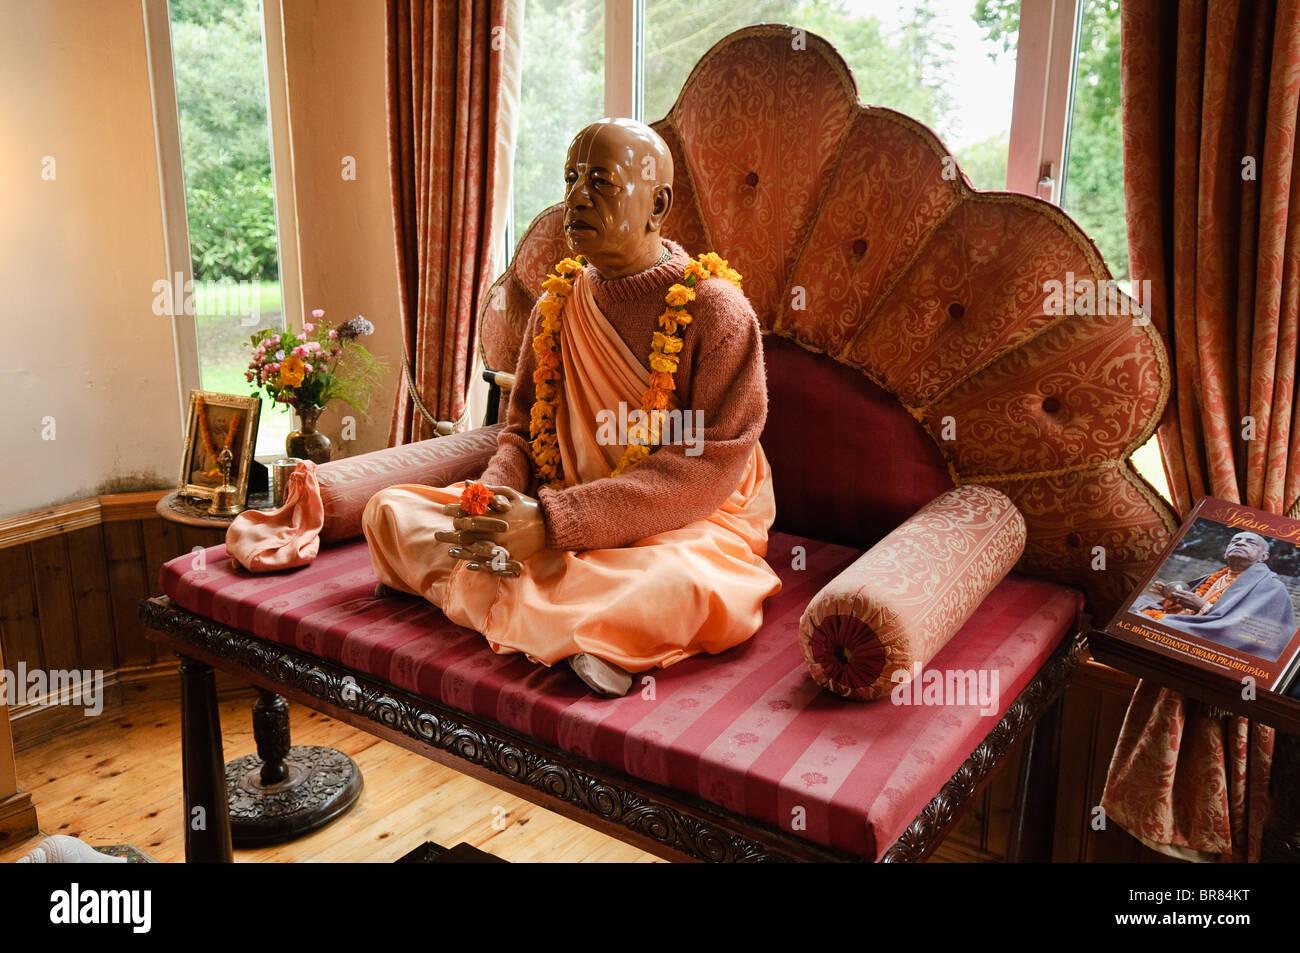 Statue de AC Bhaktivedanta Swami Prabhupada, fondateur de le mouvement Hare Krishna, dans une salle du temple. Banque D'Images